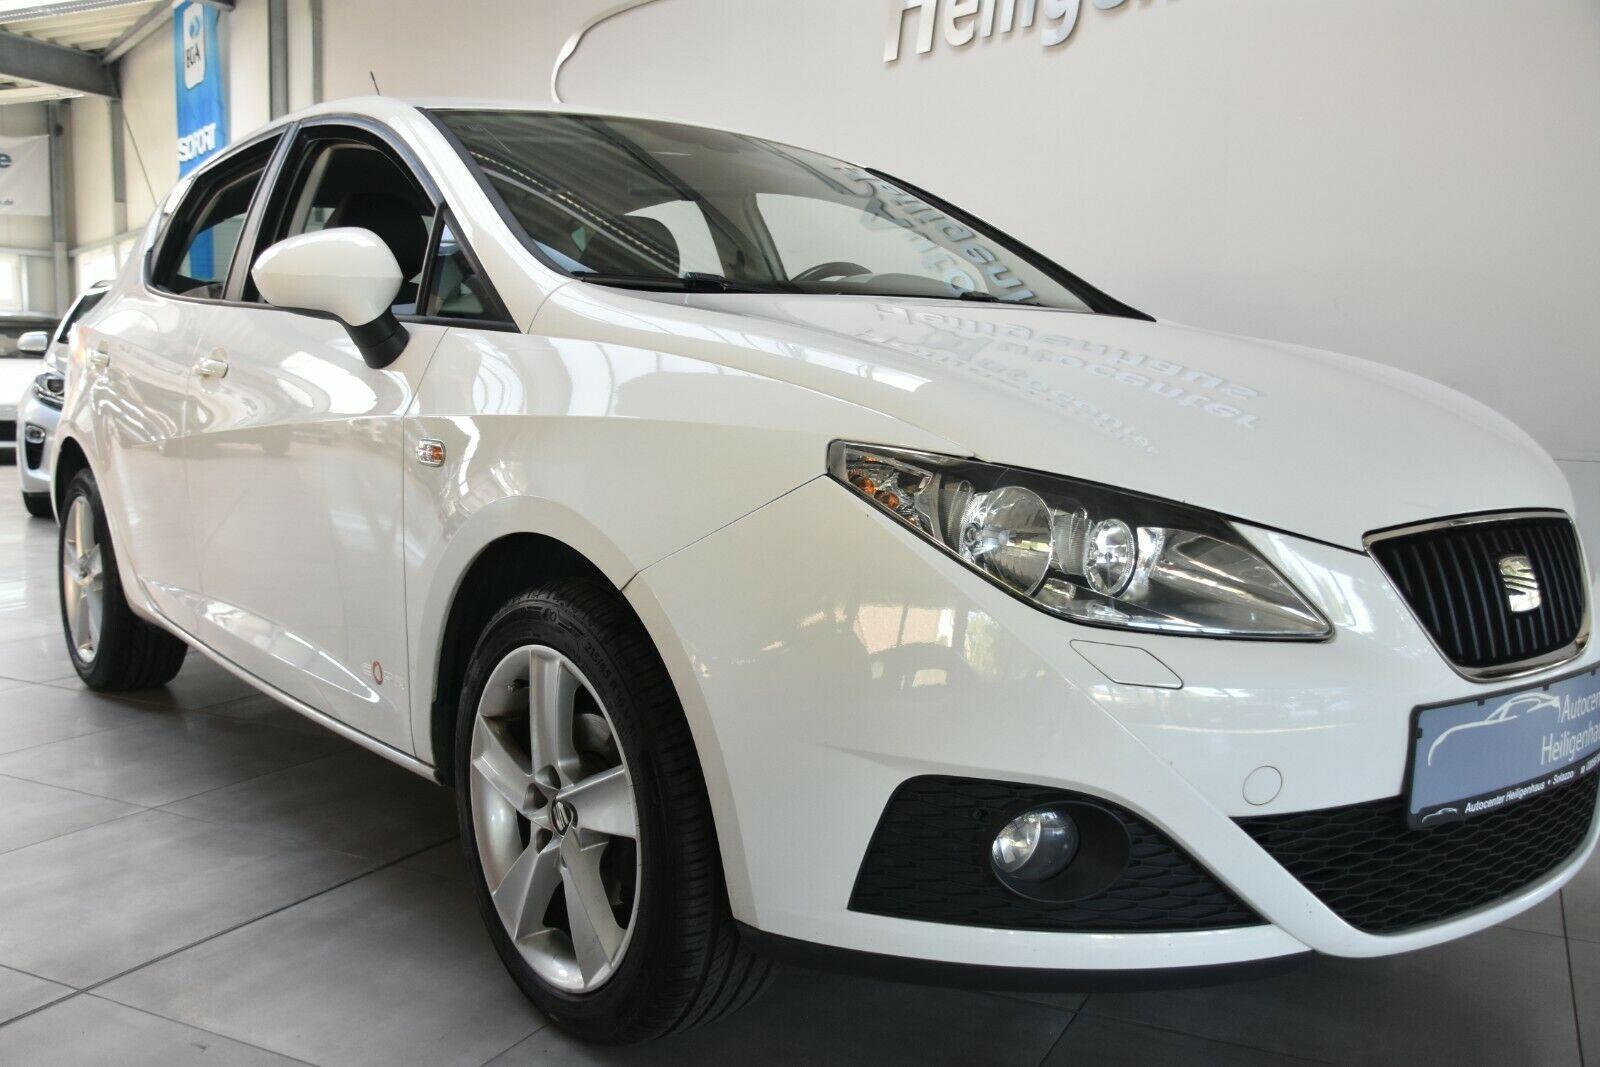 SEAT Ibiza 1.2 Copa Klimaauto Sitzhzg Alufelgen PDC